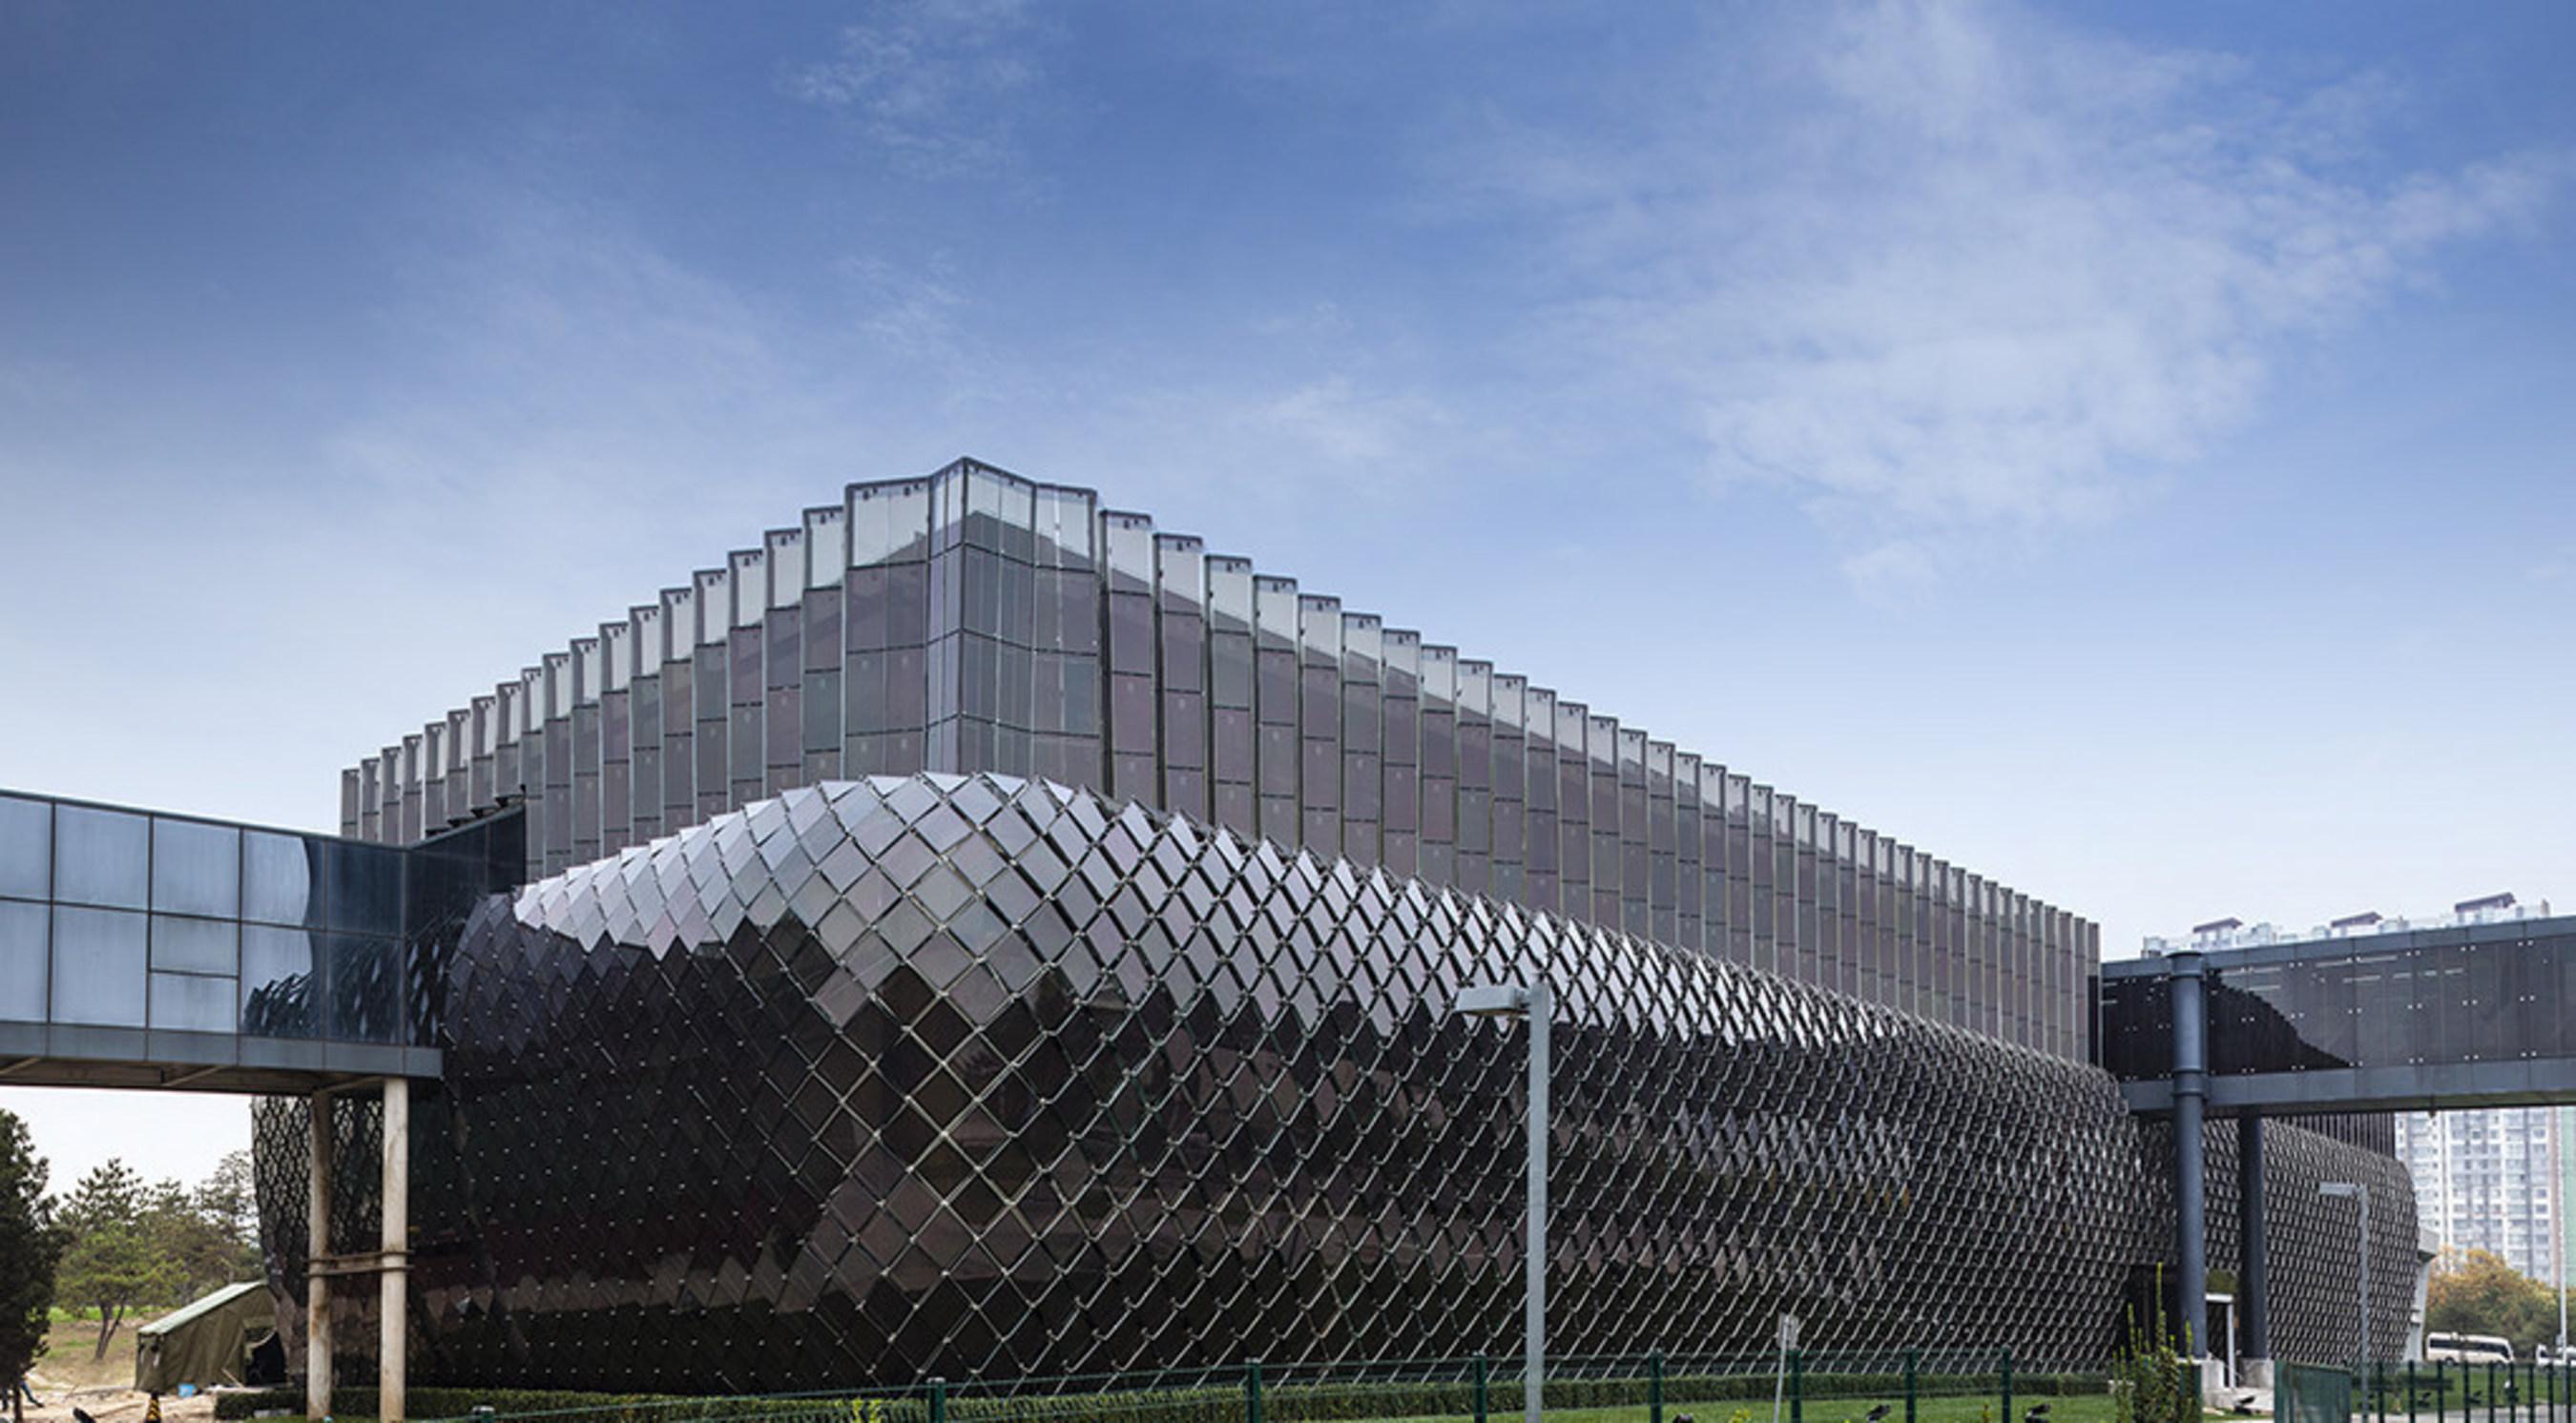 Phase I des BIPV-Projekts des Hanergy Hauptsitzes abgeschlossen; Vorstellung der One-Stop-Lösungen